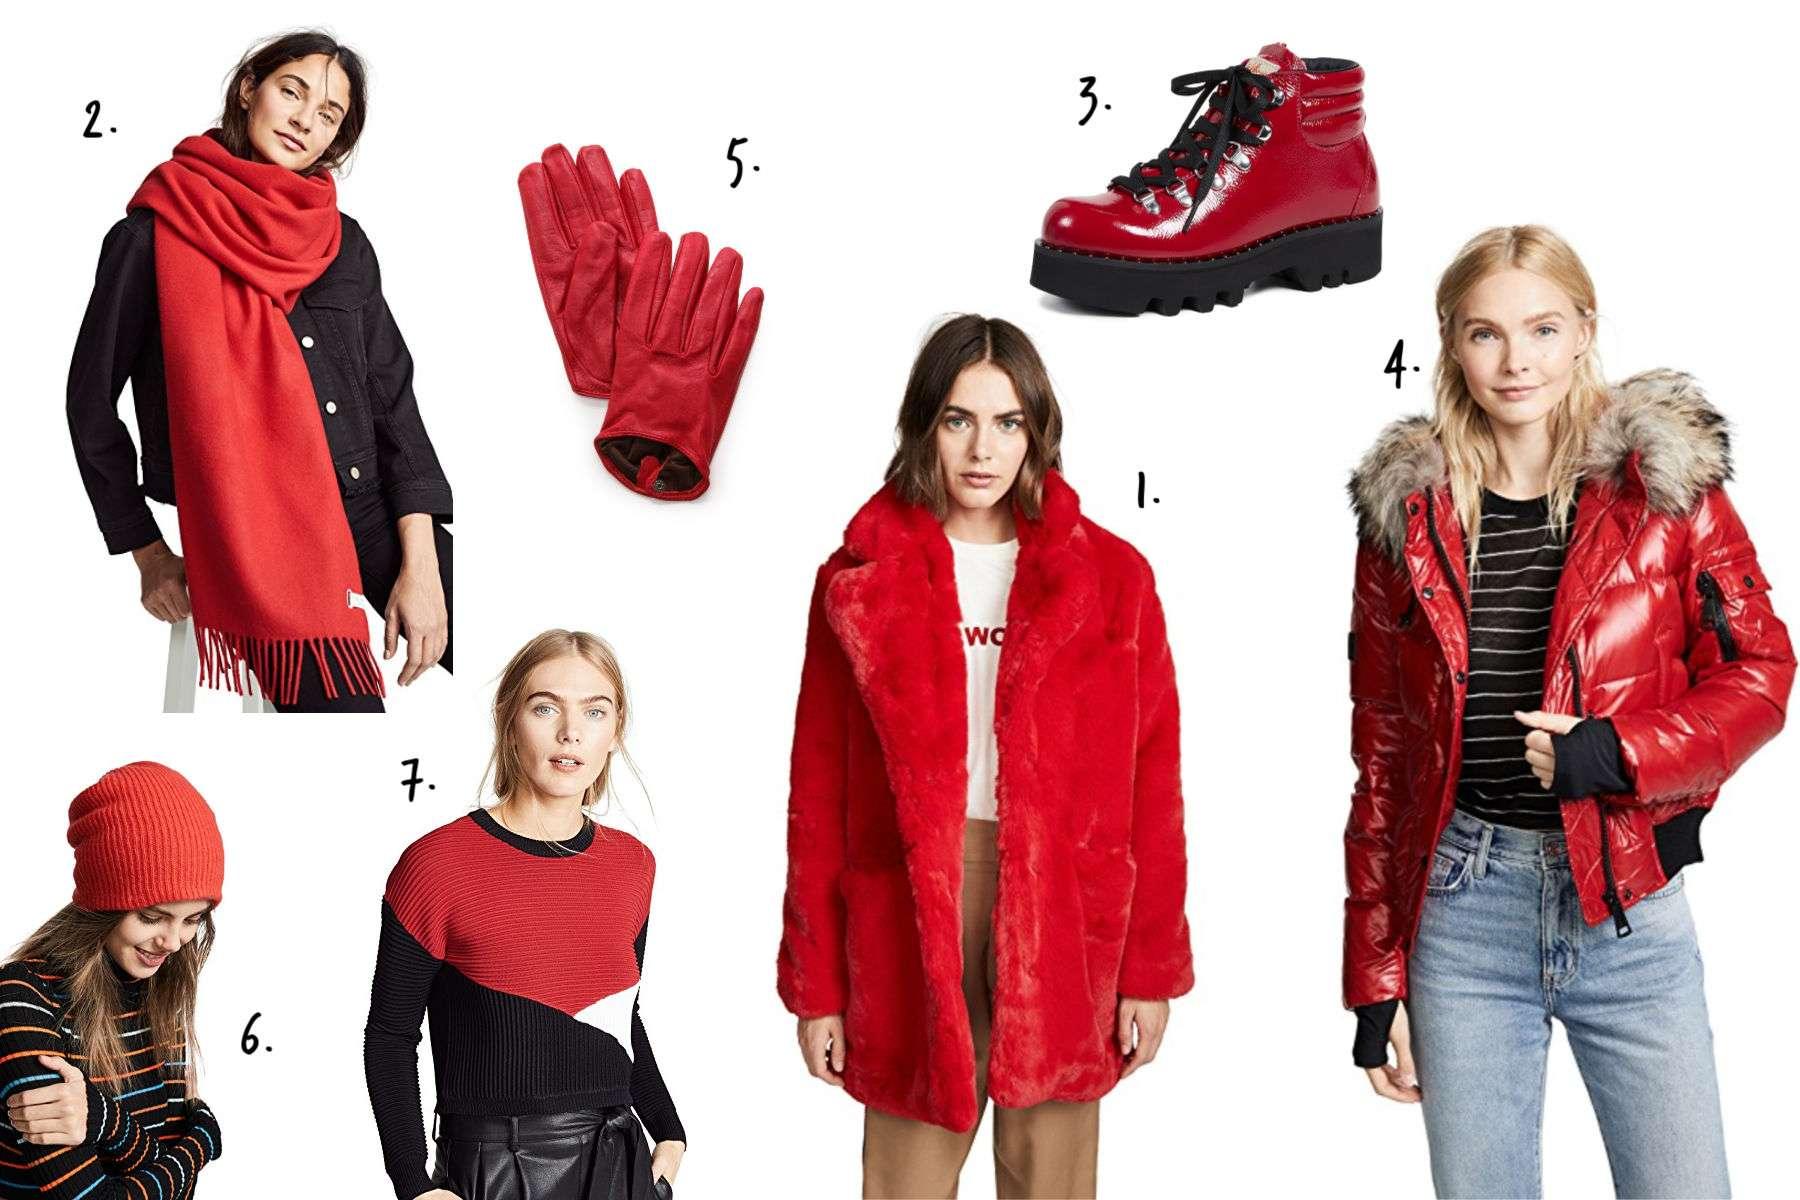 Shopbop Winter Essentials - Red